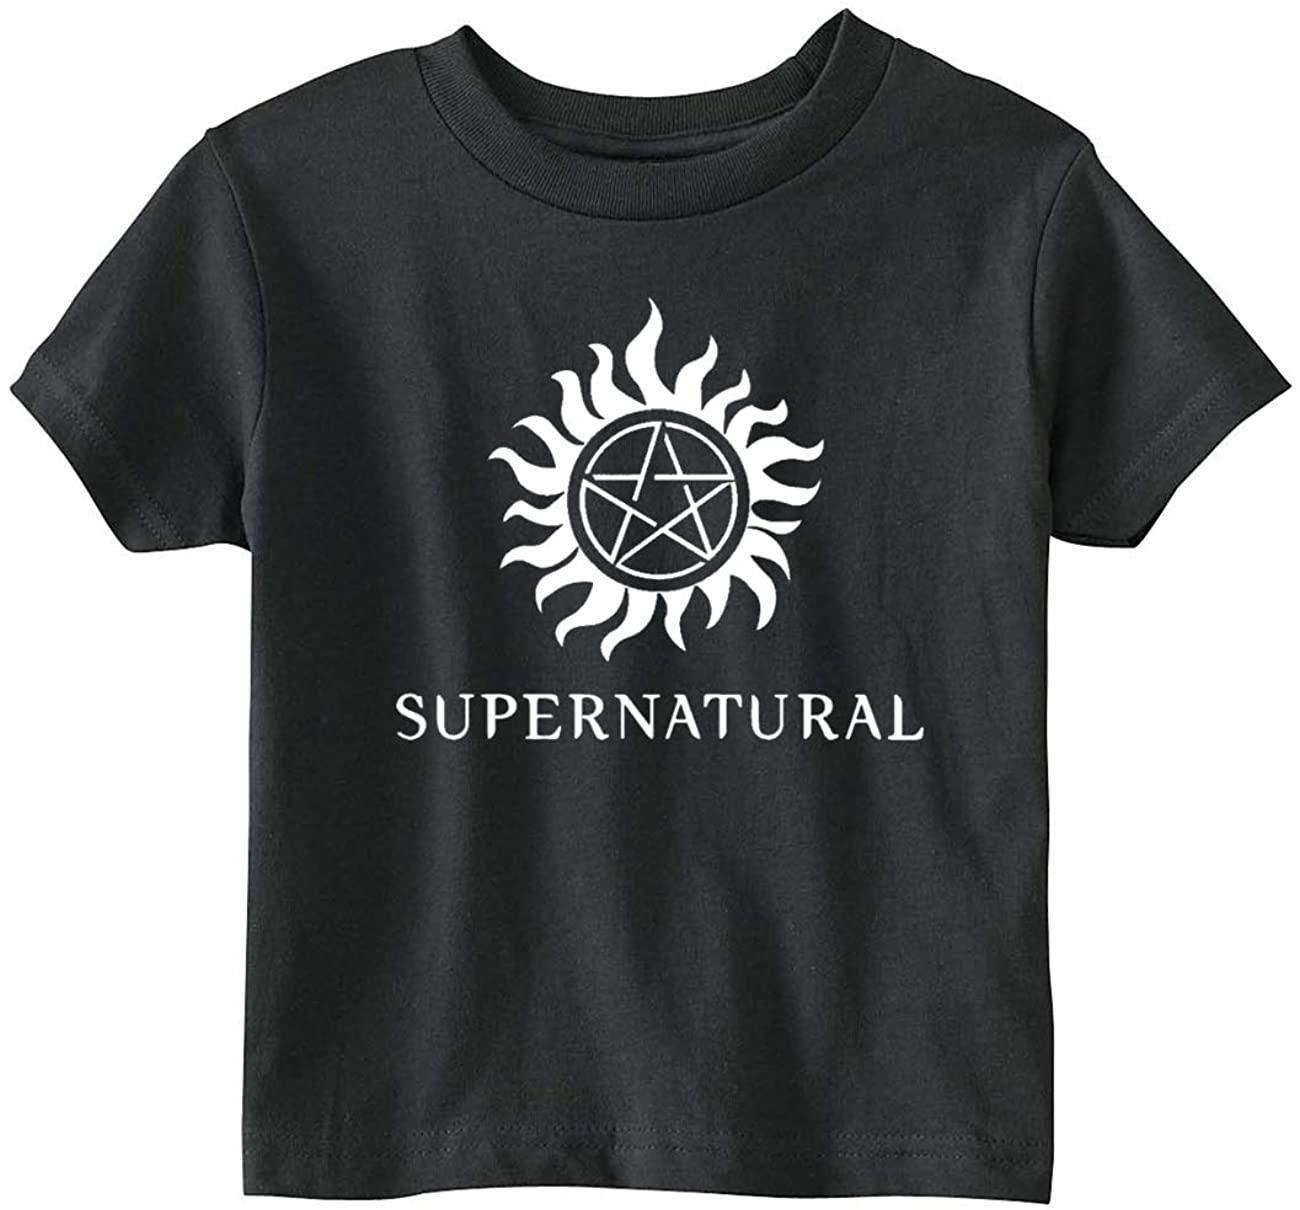 NorthStarTees Supernatural Toddler Logo T-Shirt